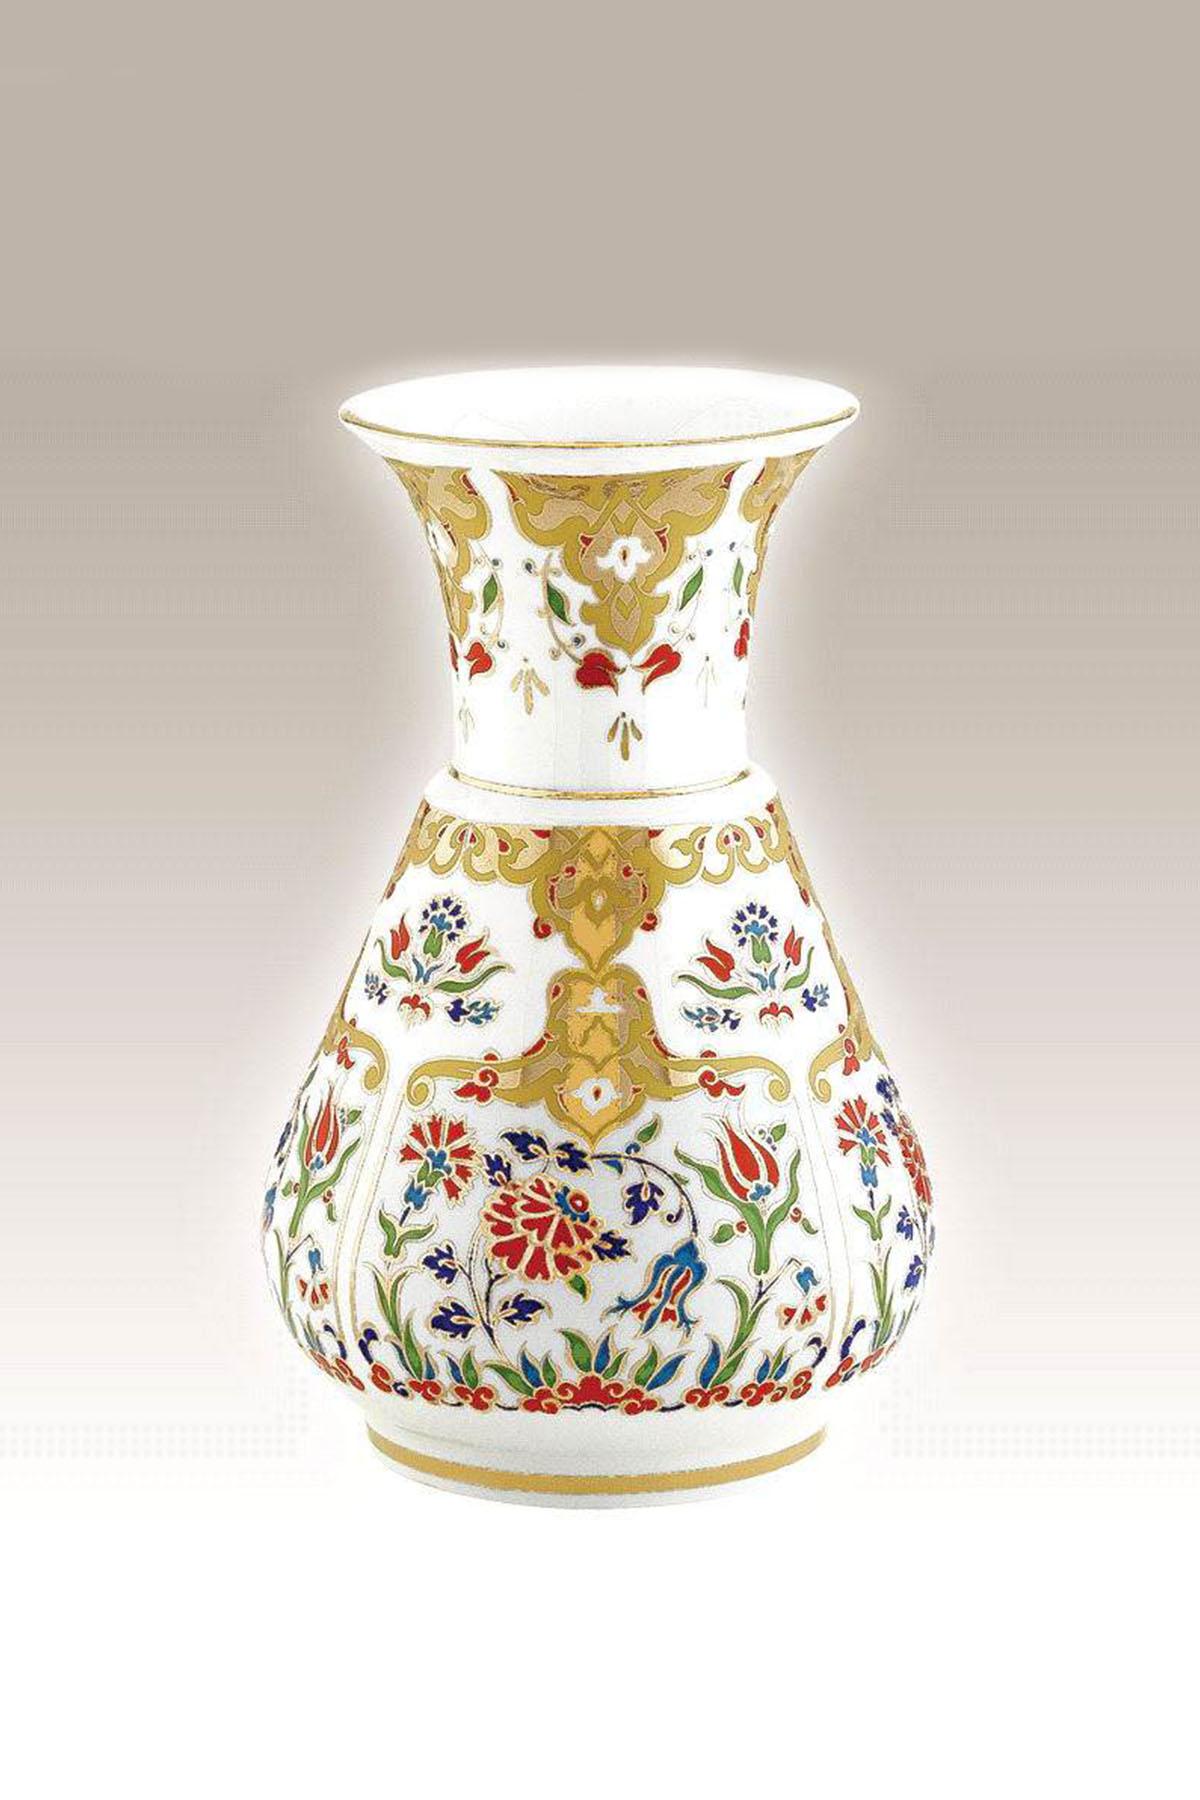 Kütahya Porselen - Kütahya Porselen El Yapımı Vazo No 9